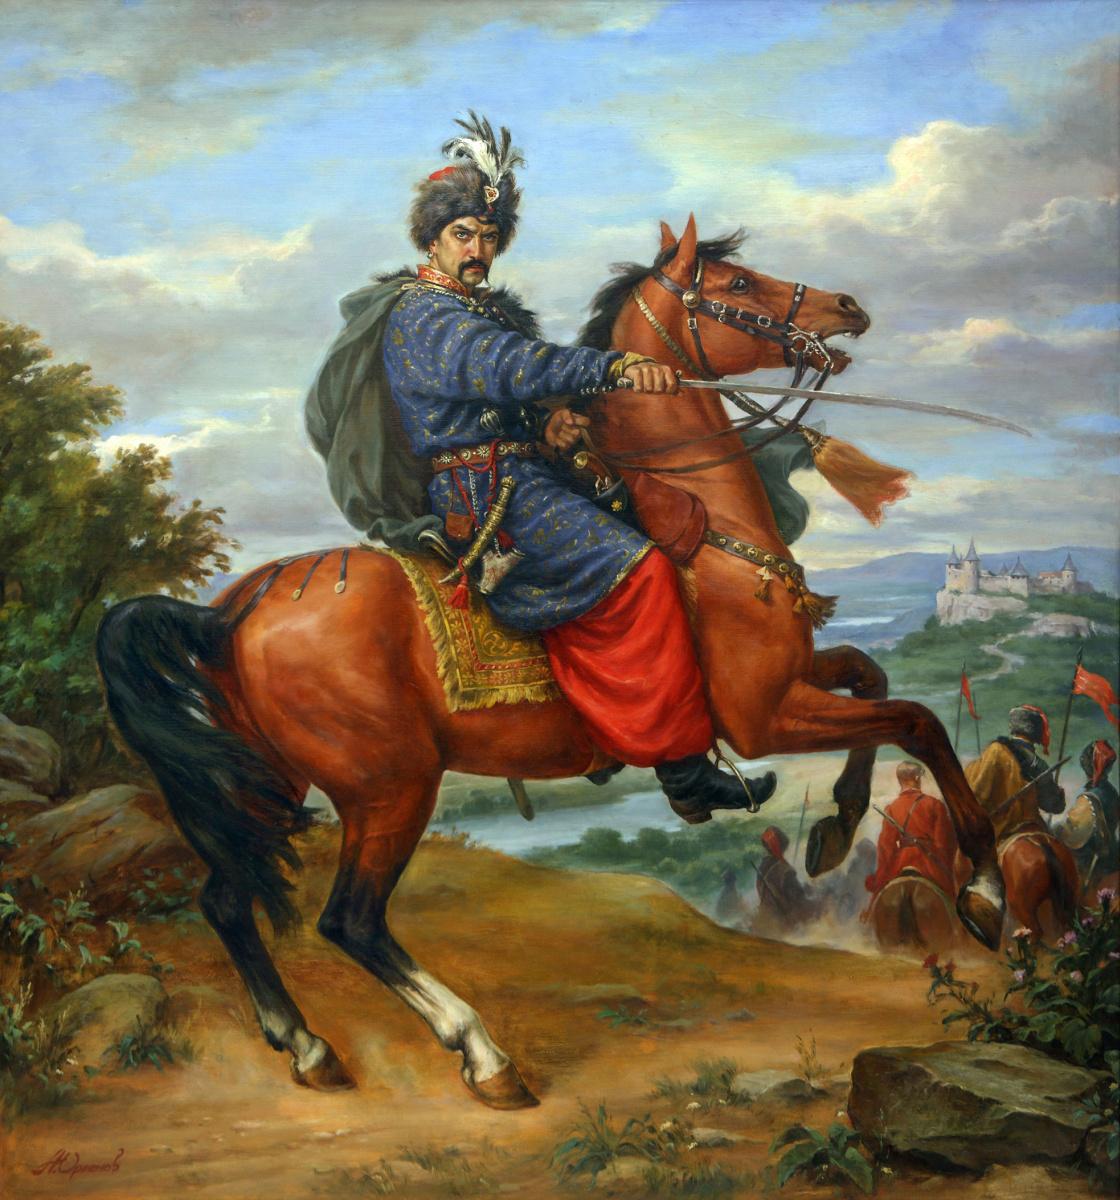 Arthur Olegovich Orlenov. Ivan Bogun